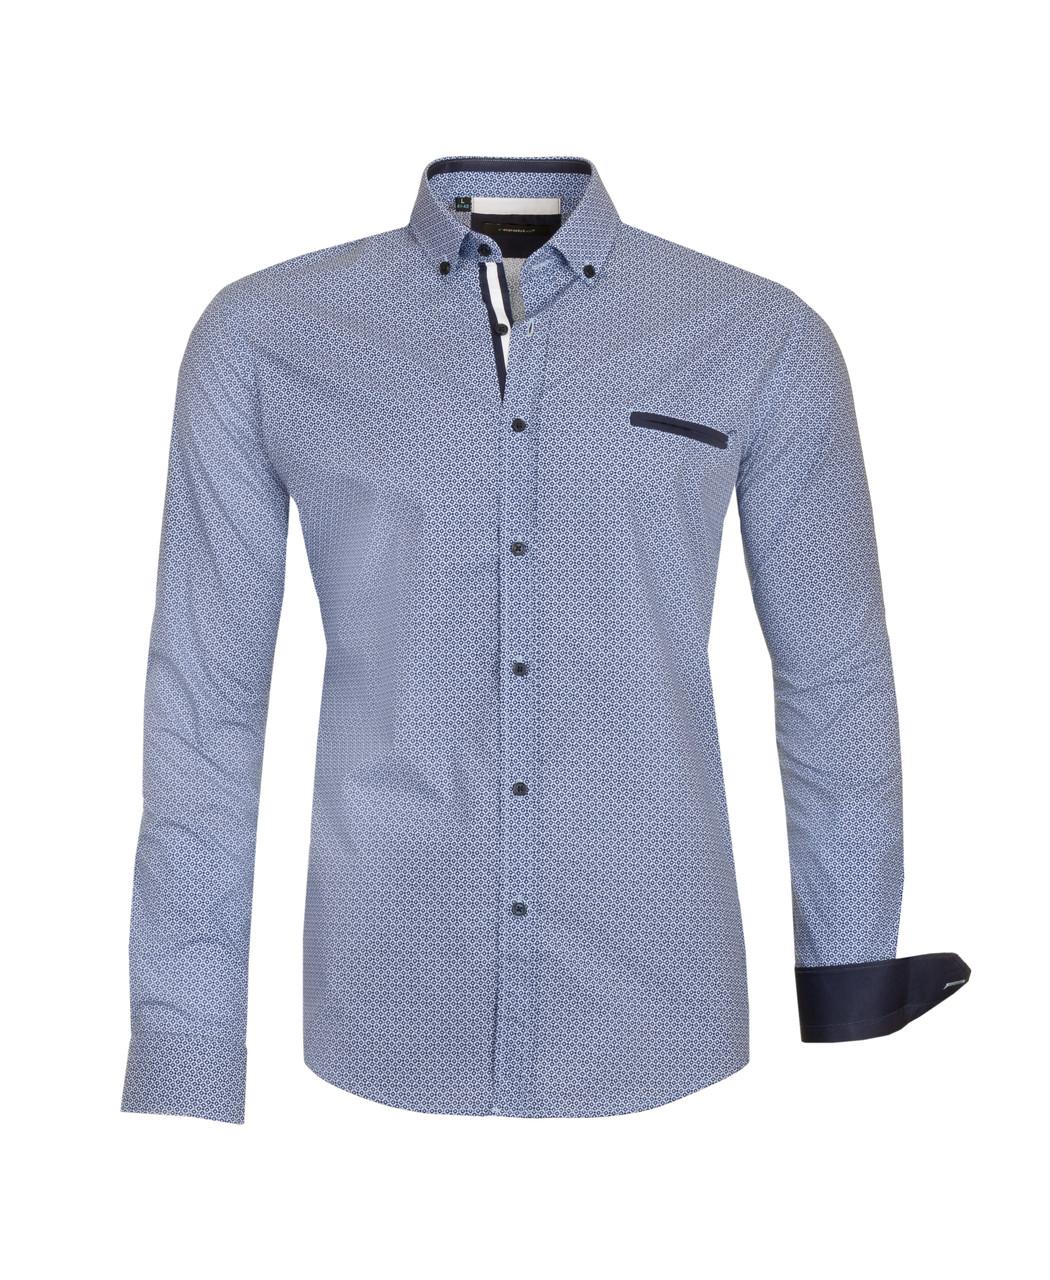 Рубашка мужская TOMI голубая с синим узором